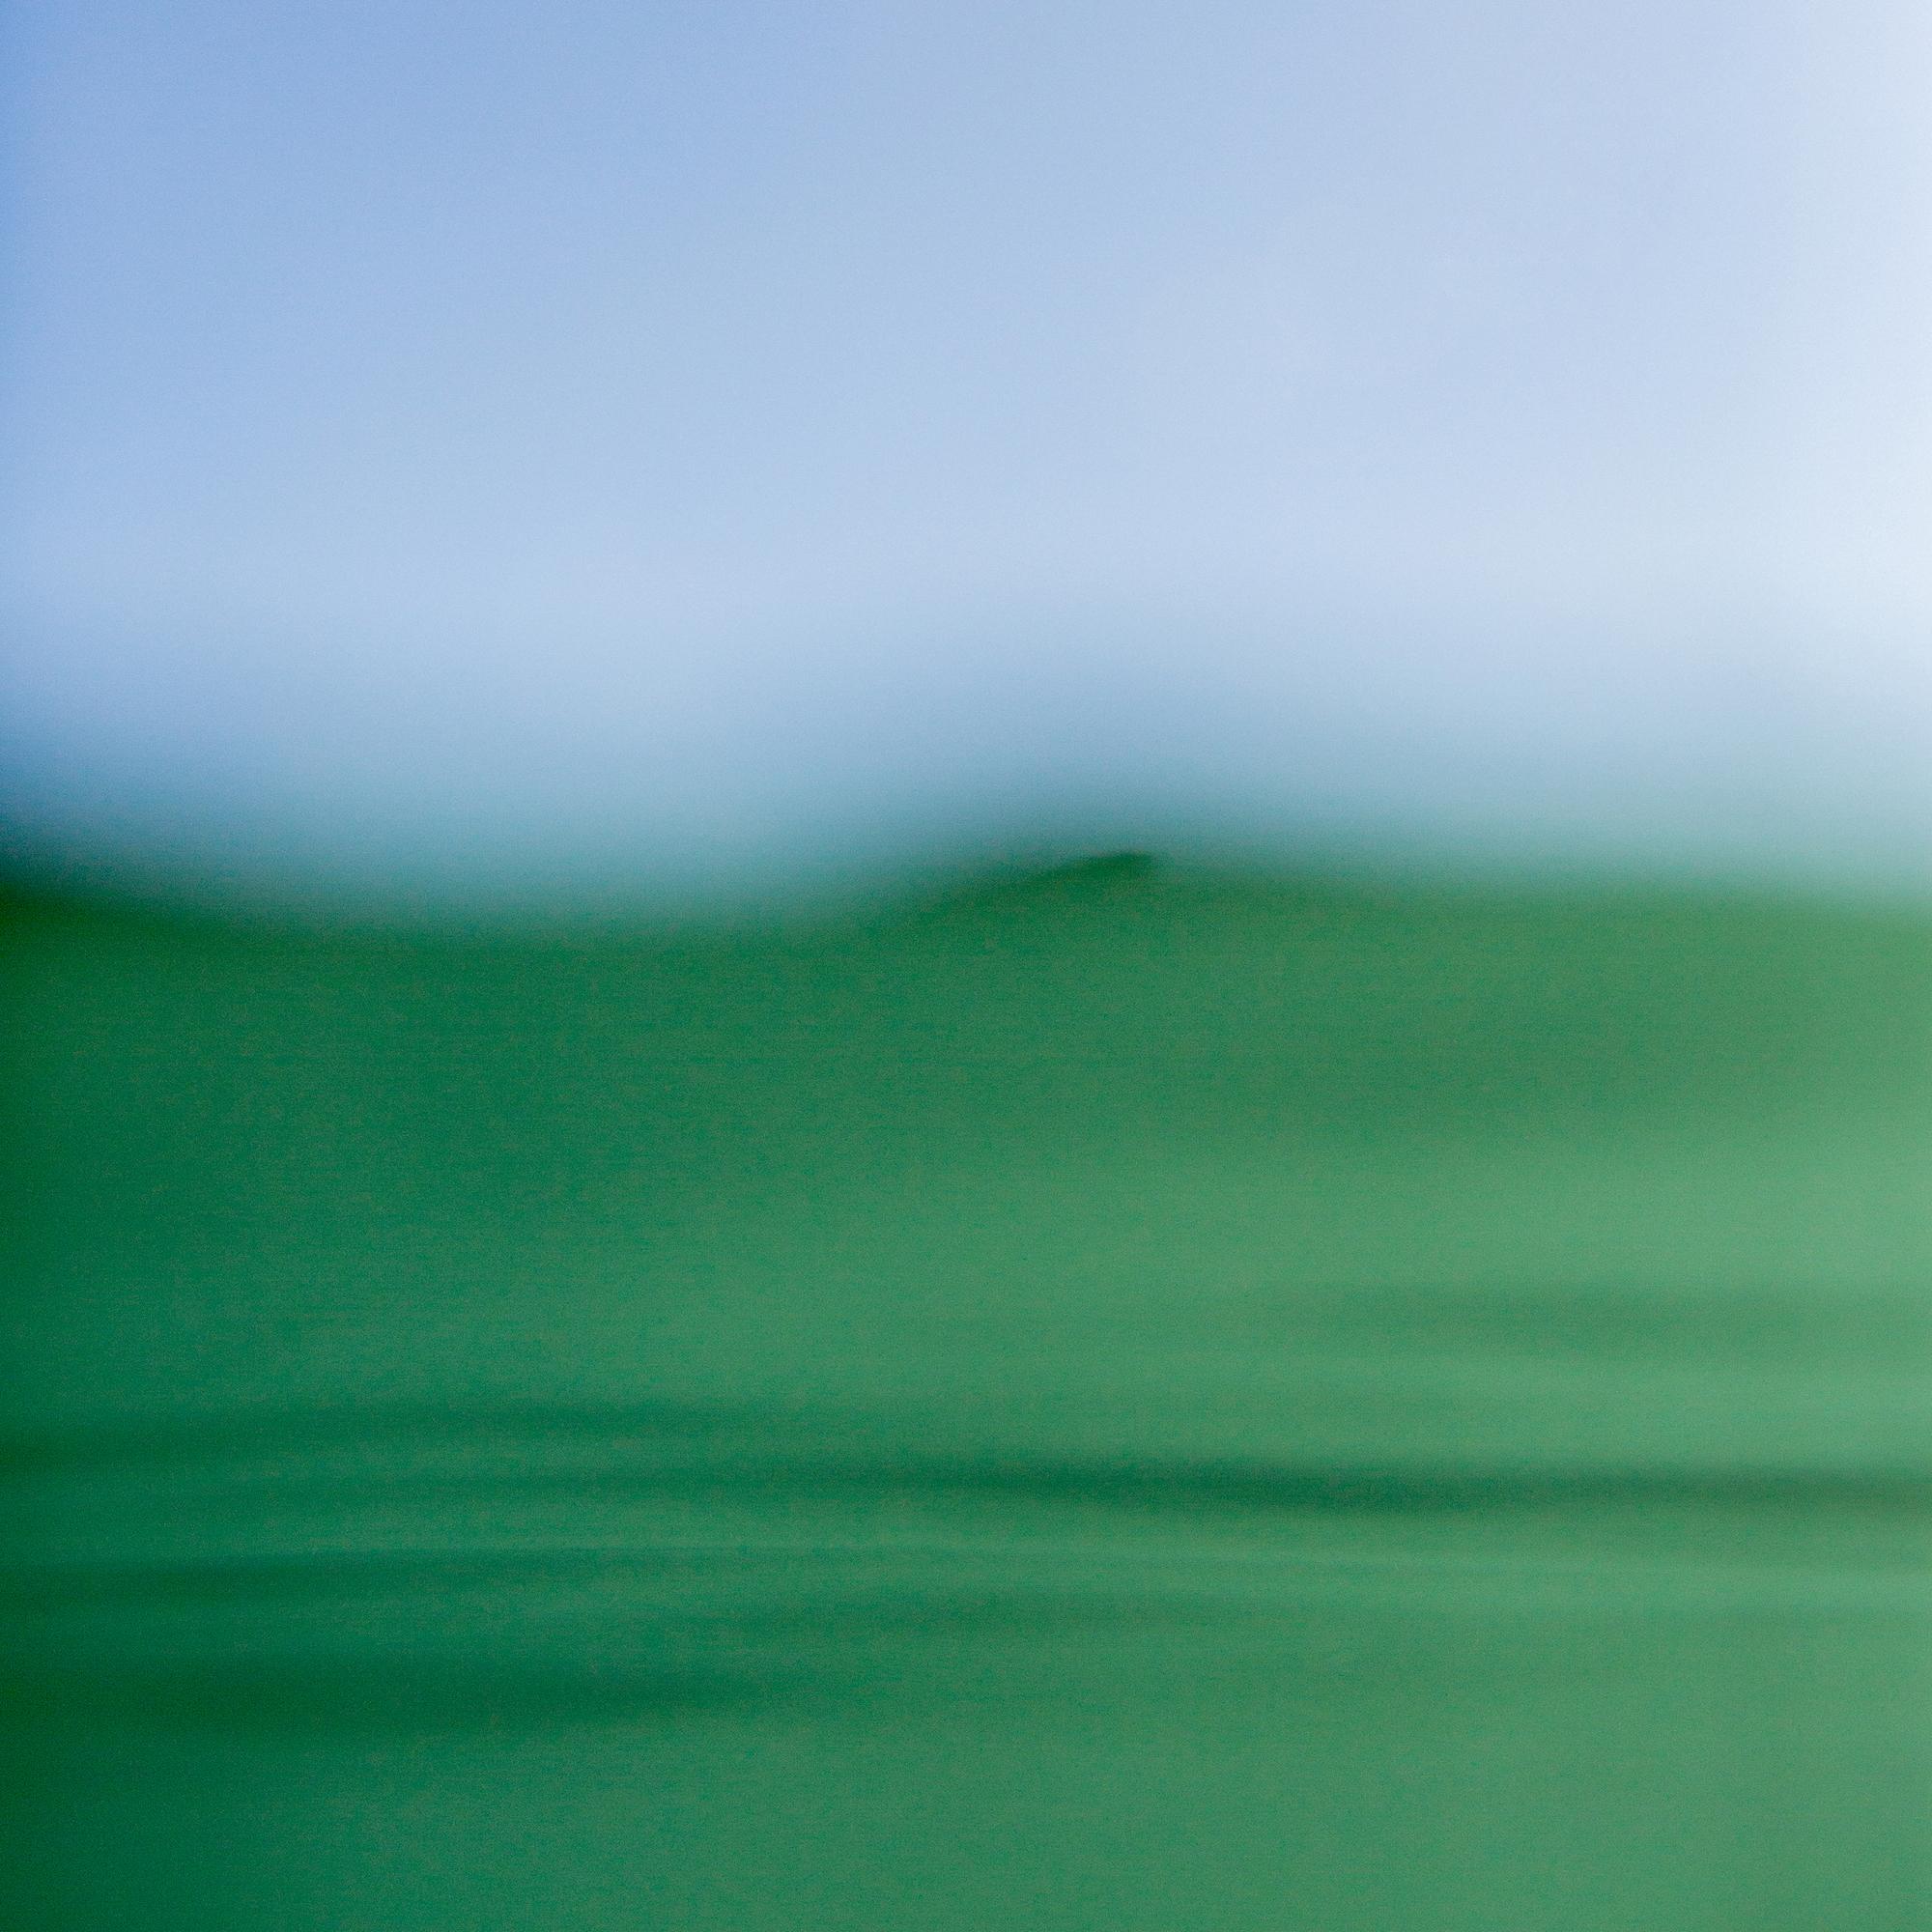 printshop-web-001-sq.jpg